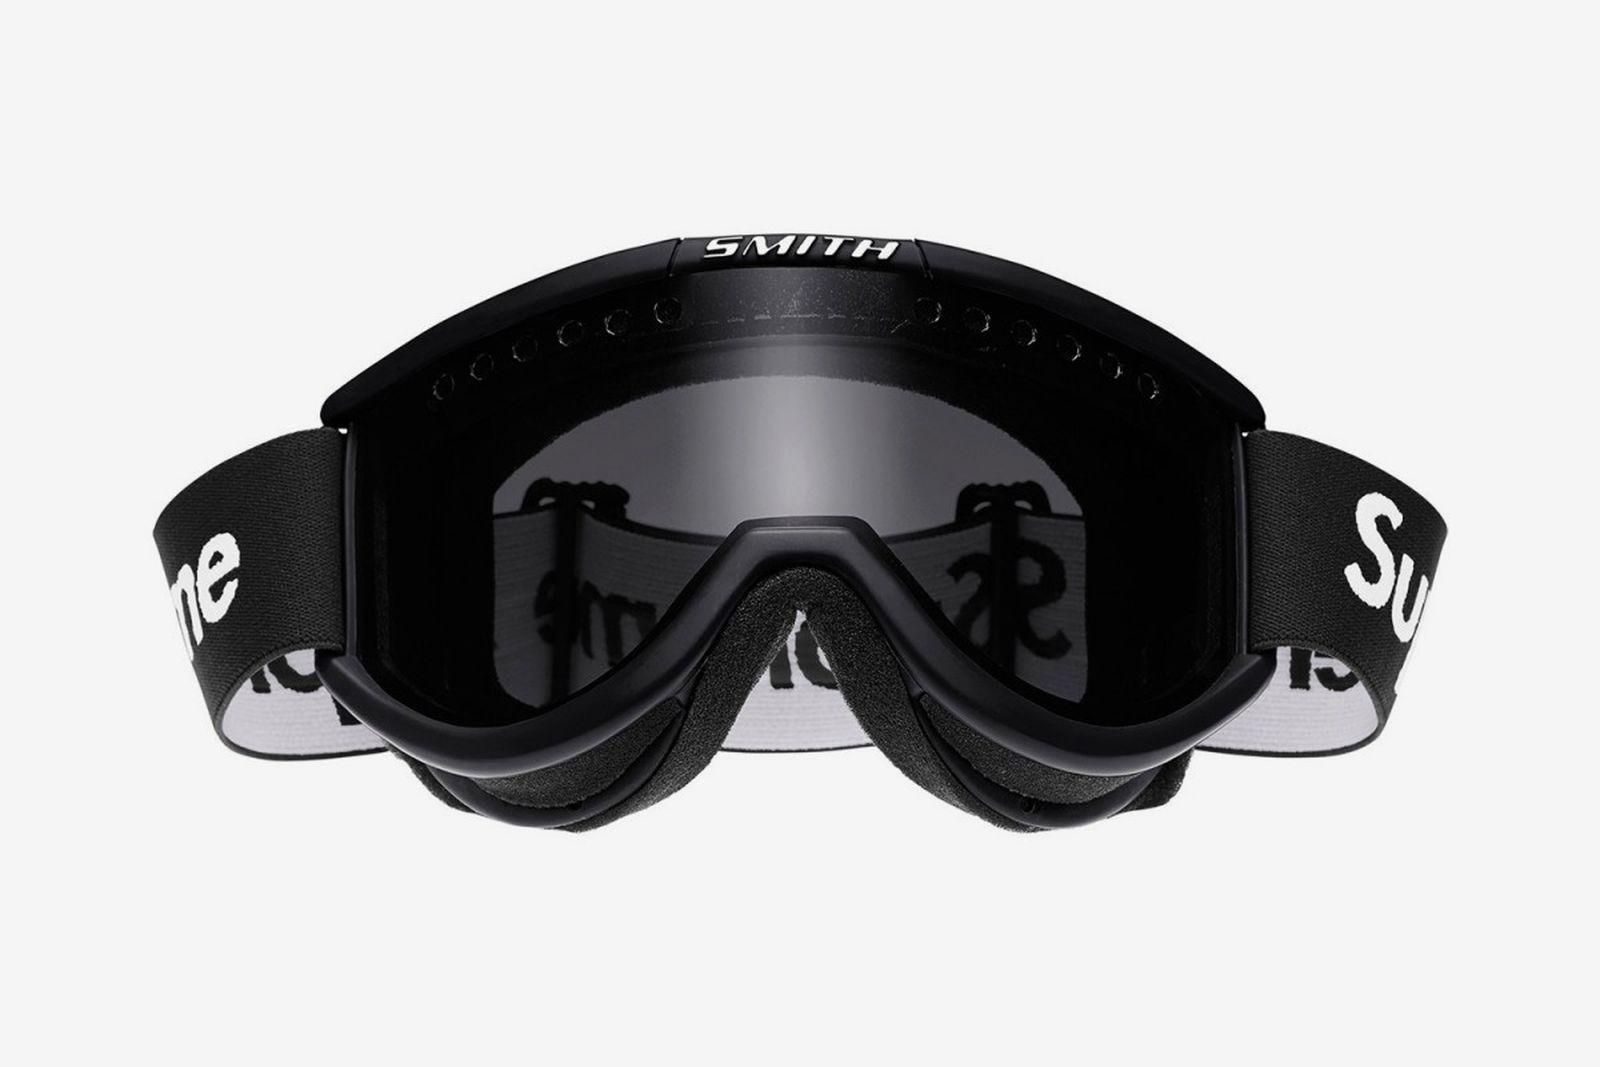 supreme smith optics ski goggles 5 1200x800 The North Face